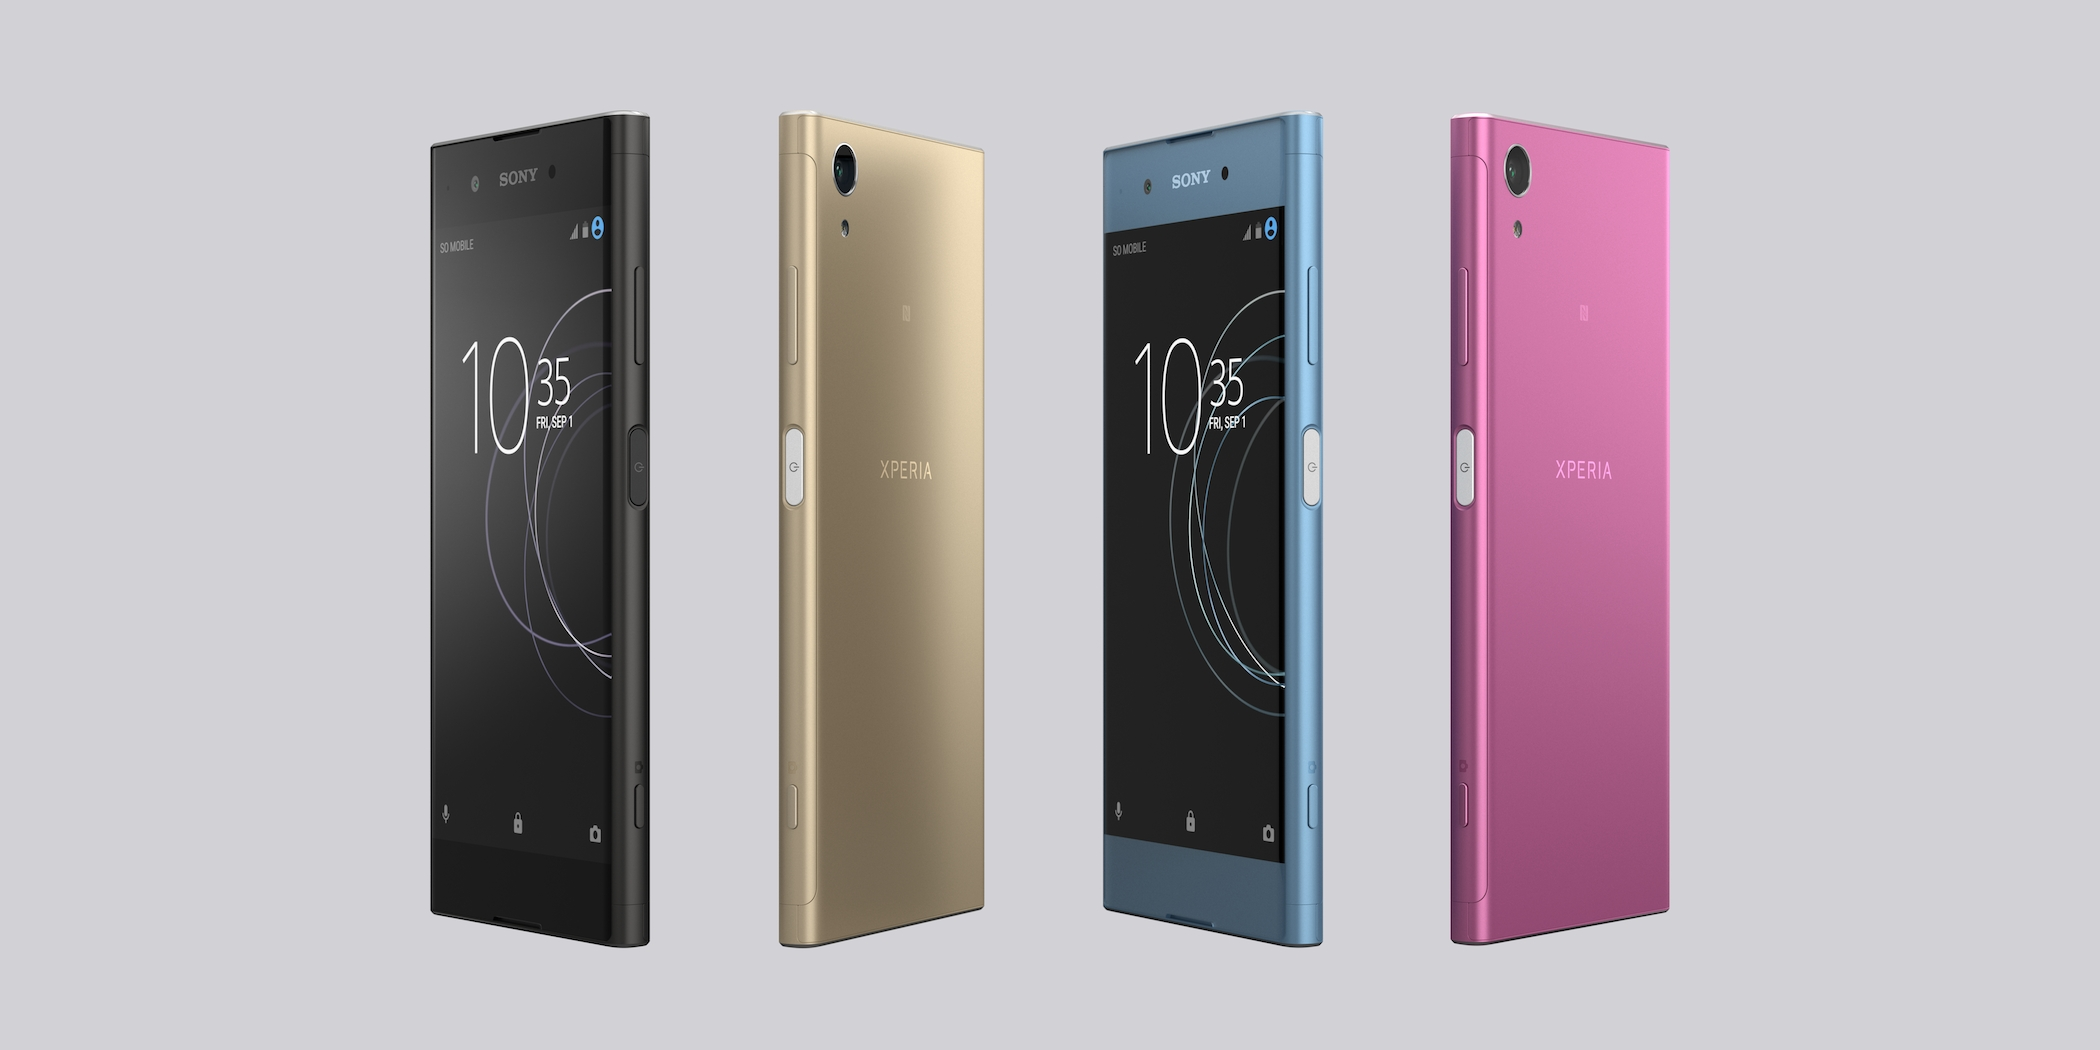 سوني تكشف عن هاتف Xperia XA1 Plus في معرض IFA 2017 بإمكانيات متوسطة